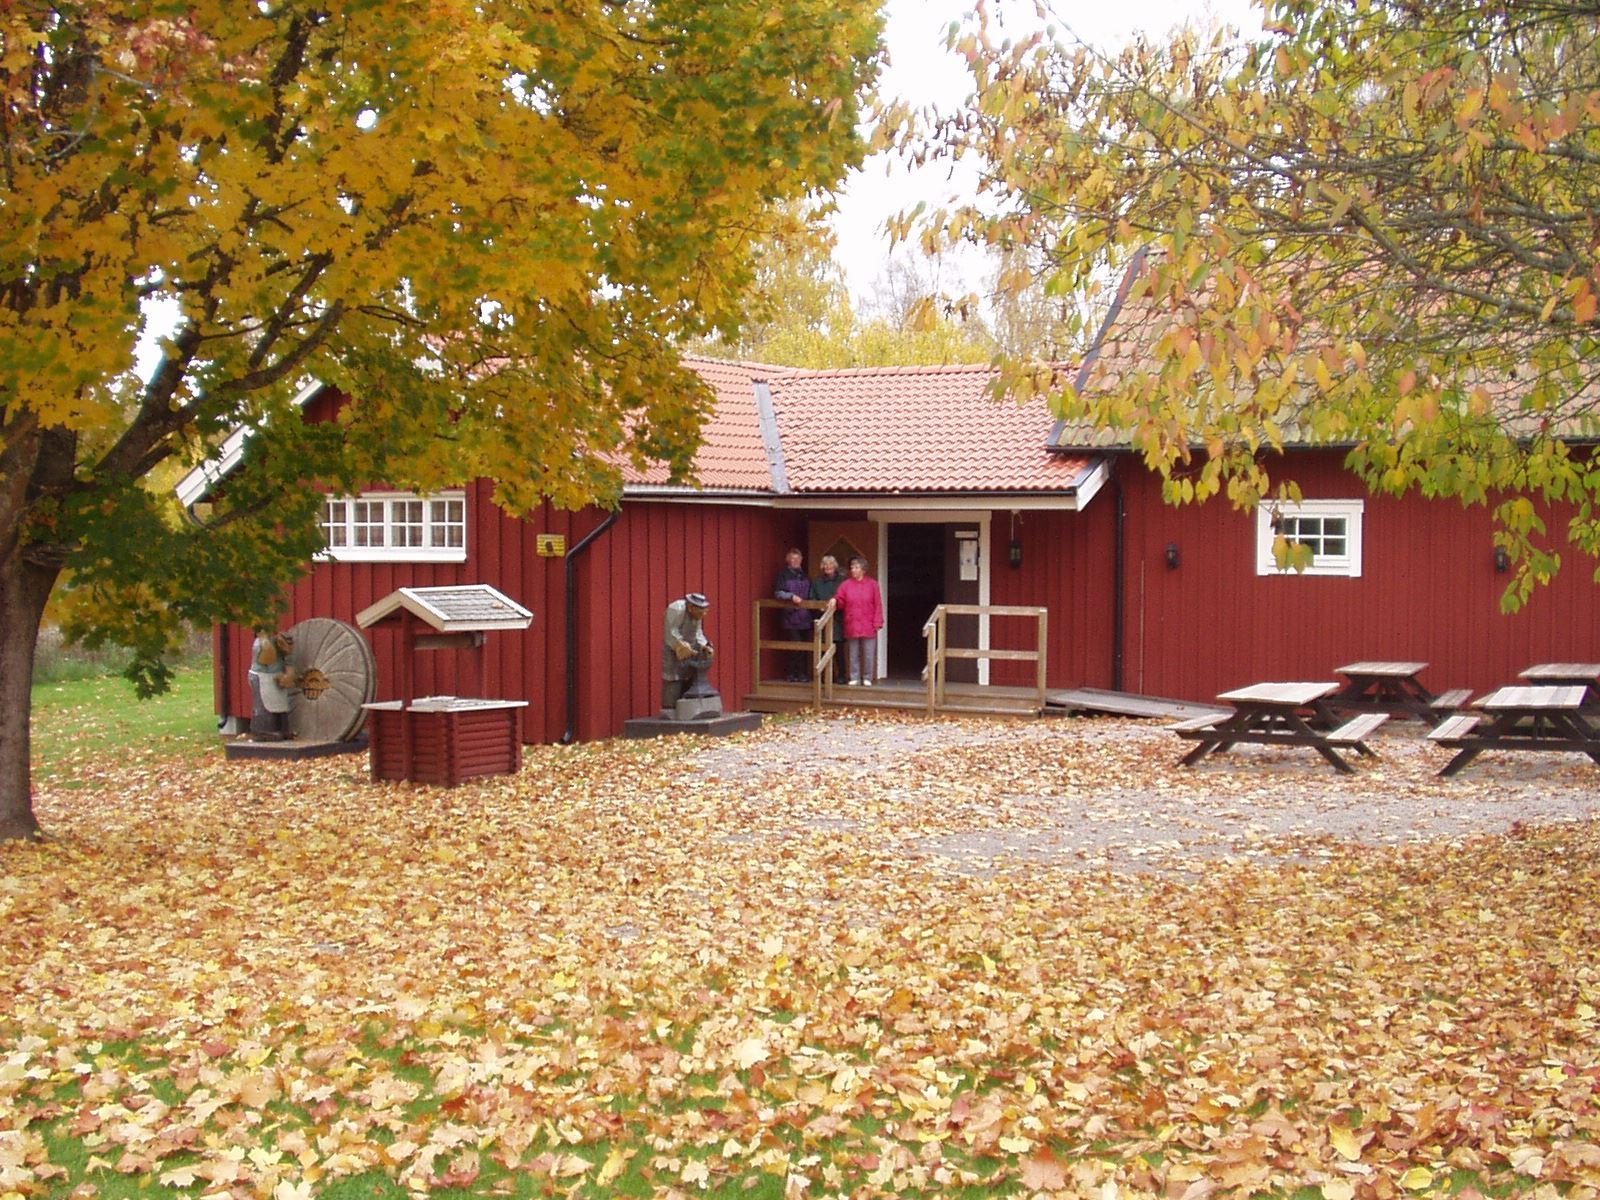 © Ekenässjöns Industrimuseum, Ekenässjöns Industrimuseum